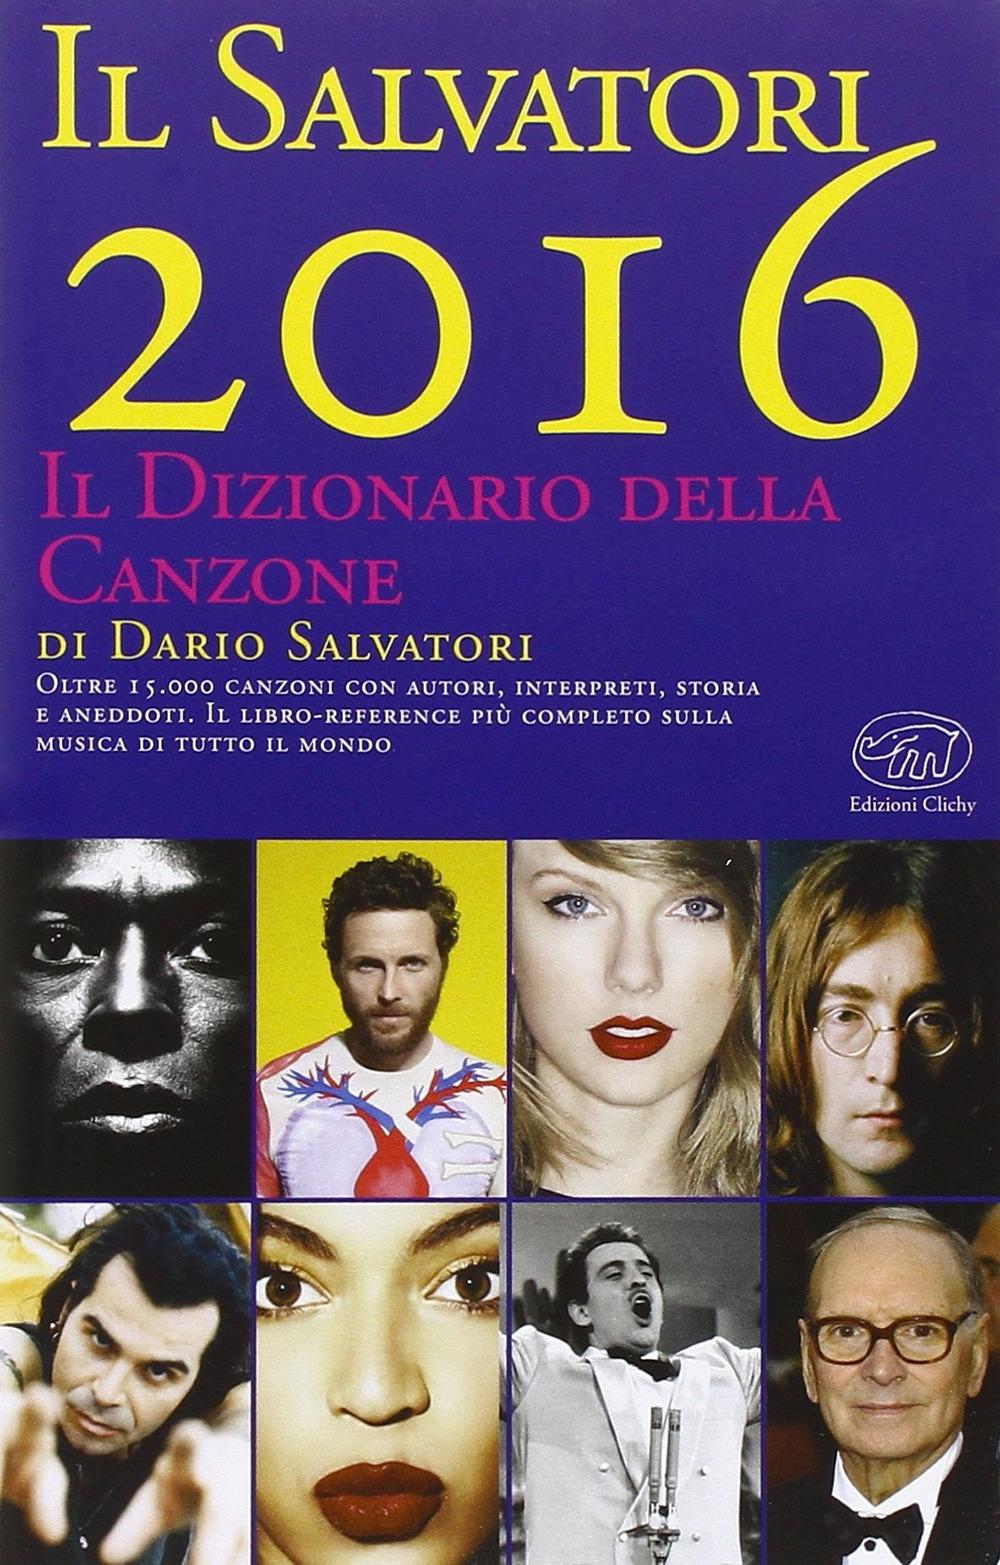 Il Salvatori 2016. Il dizionario della canzone.